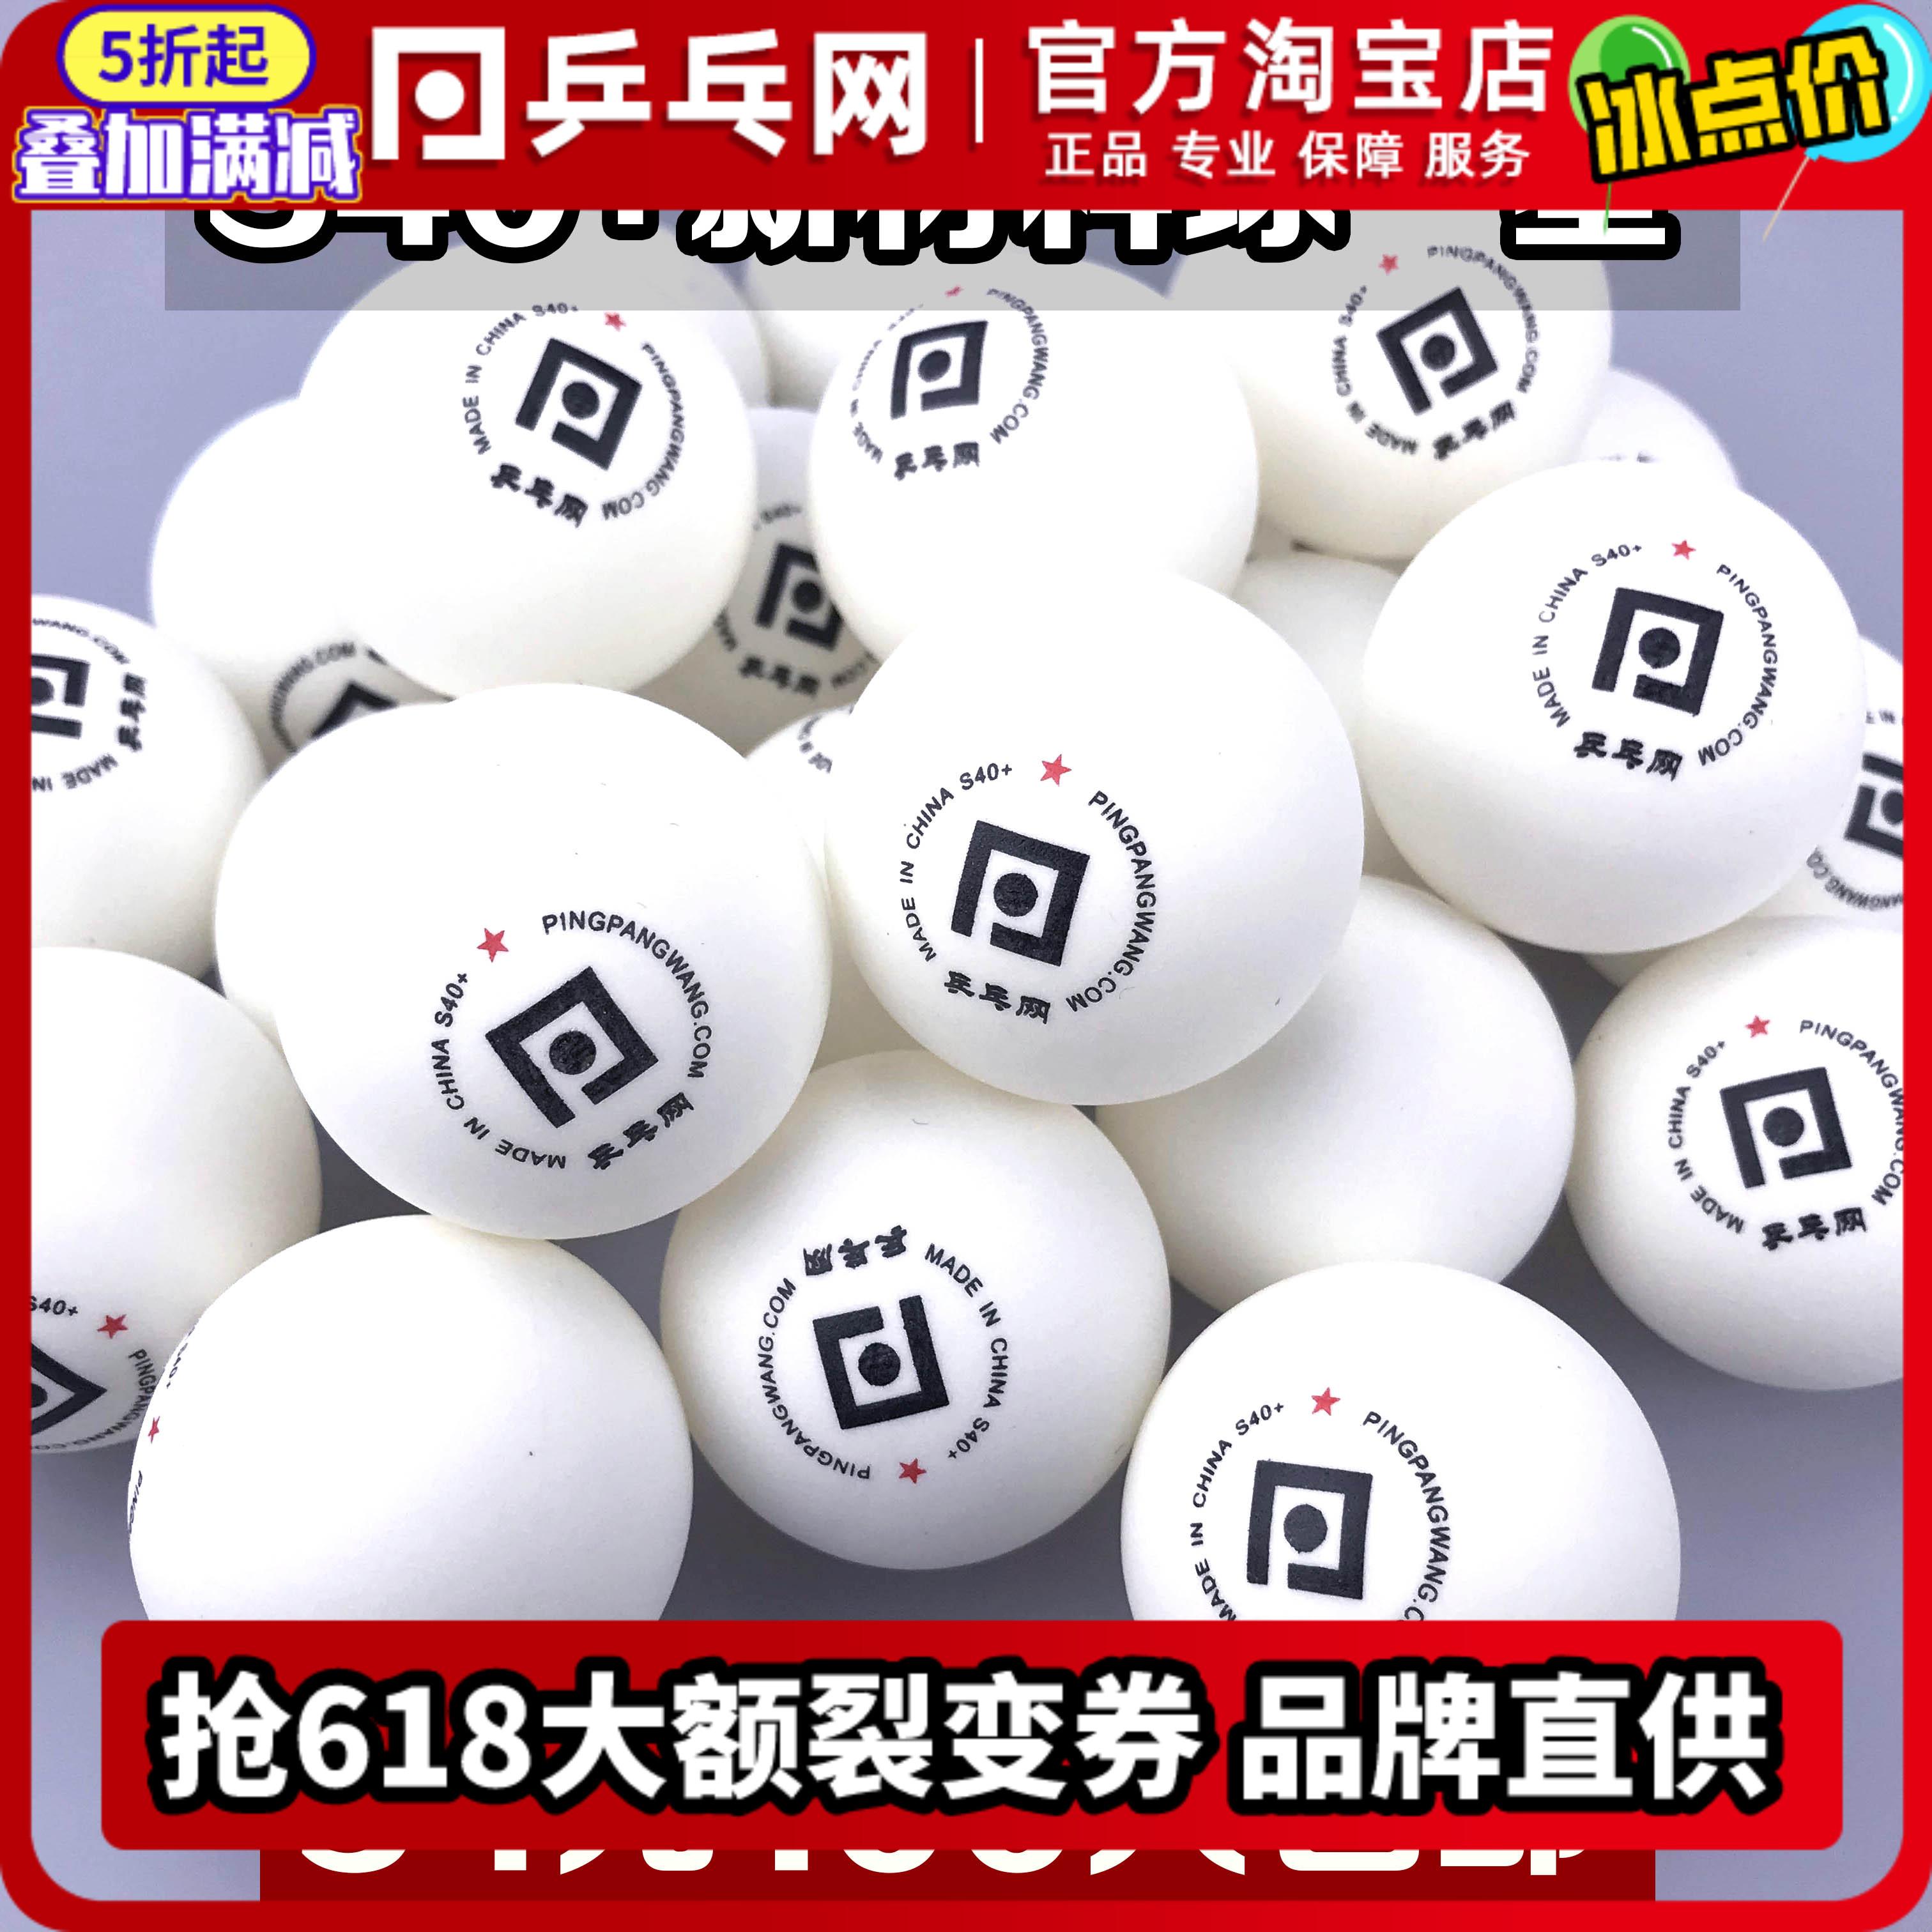 乒乓网S40+一星乒乓球ABS新材料 专业训练用球 100只多球兵乓球